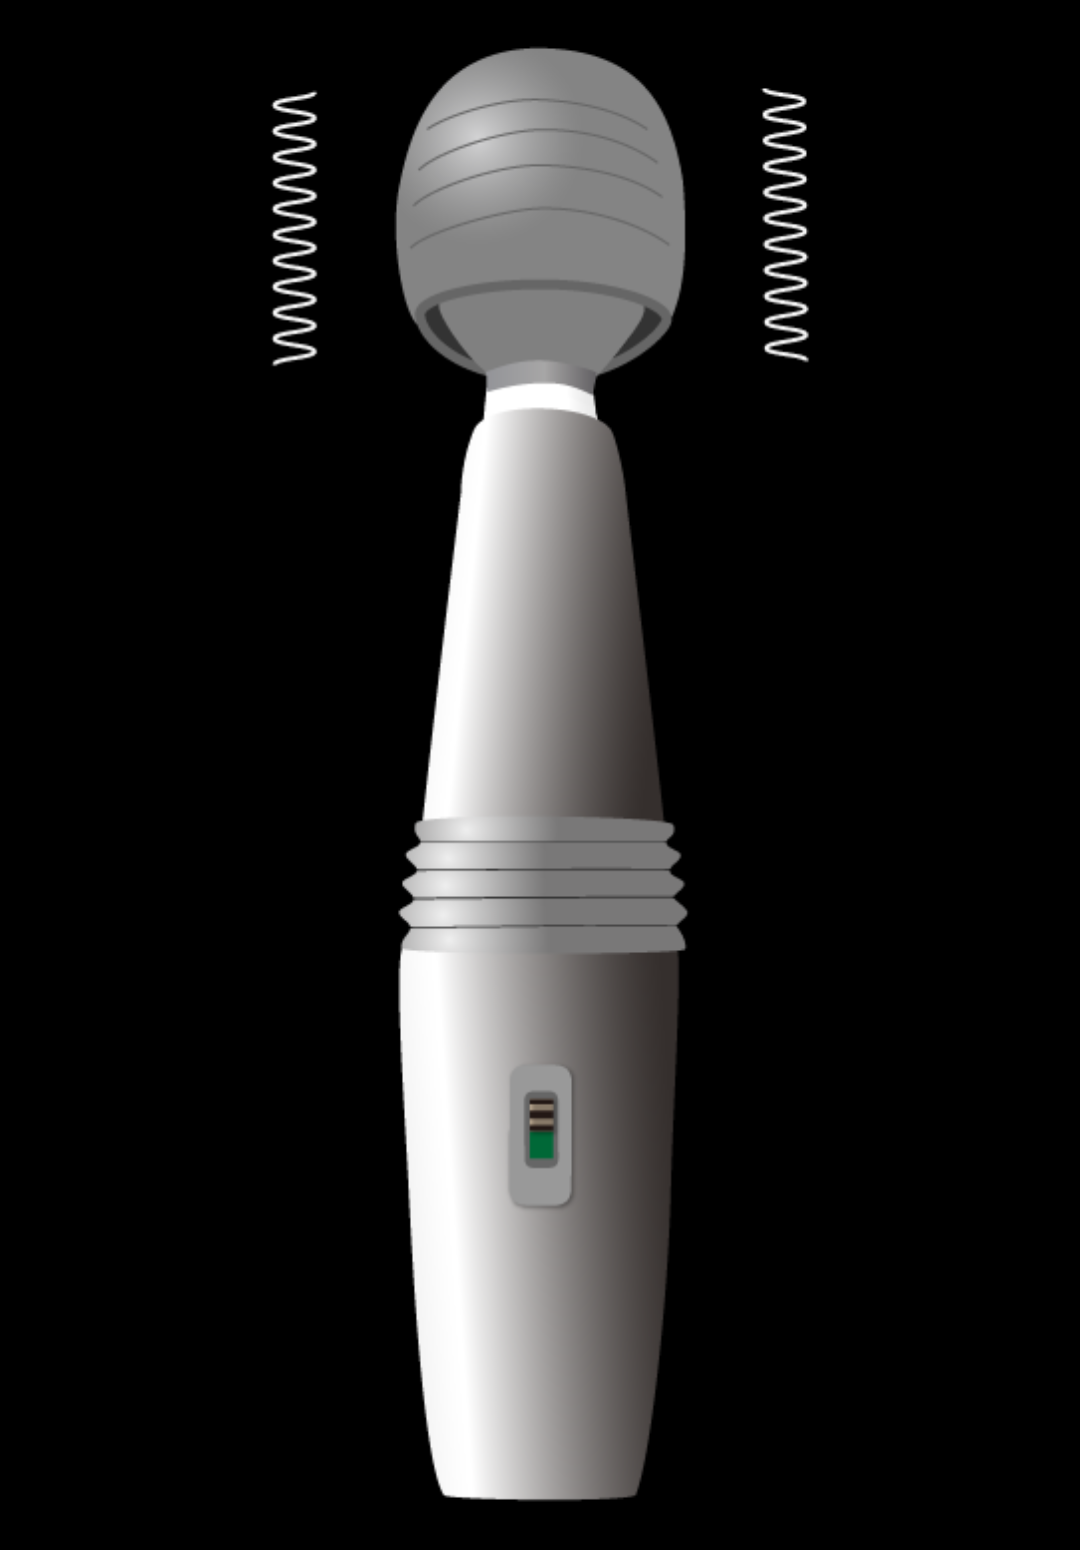 マッサージアプリ「電動マッサージ器」のON状態画面